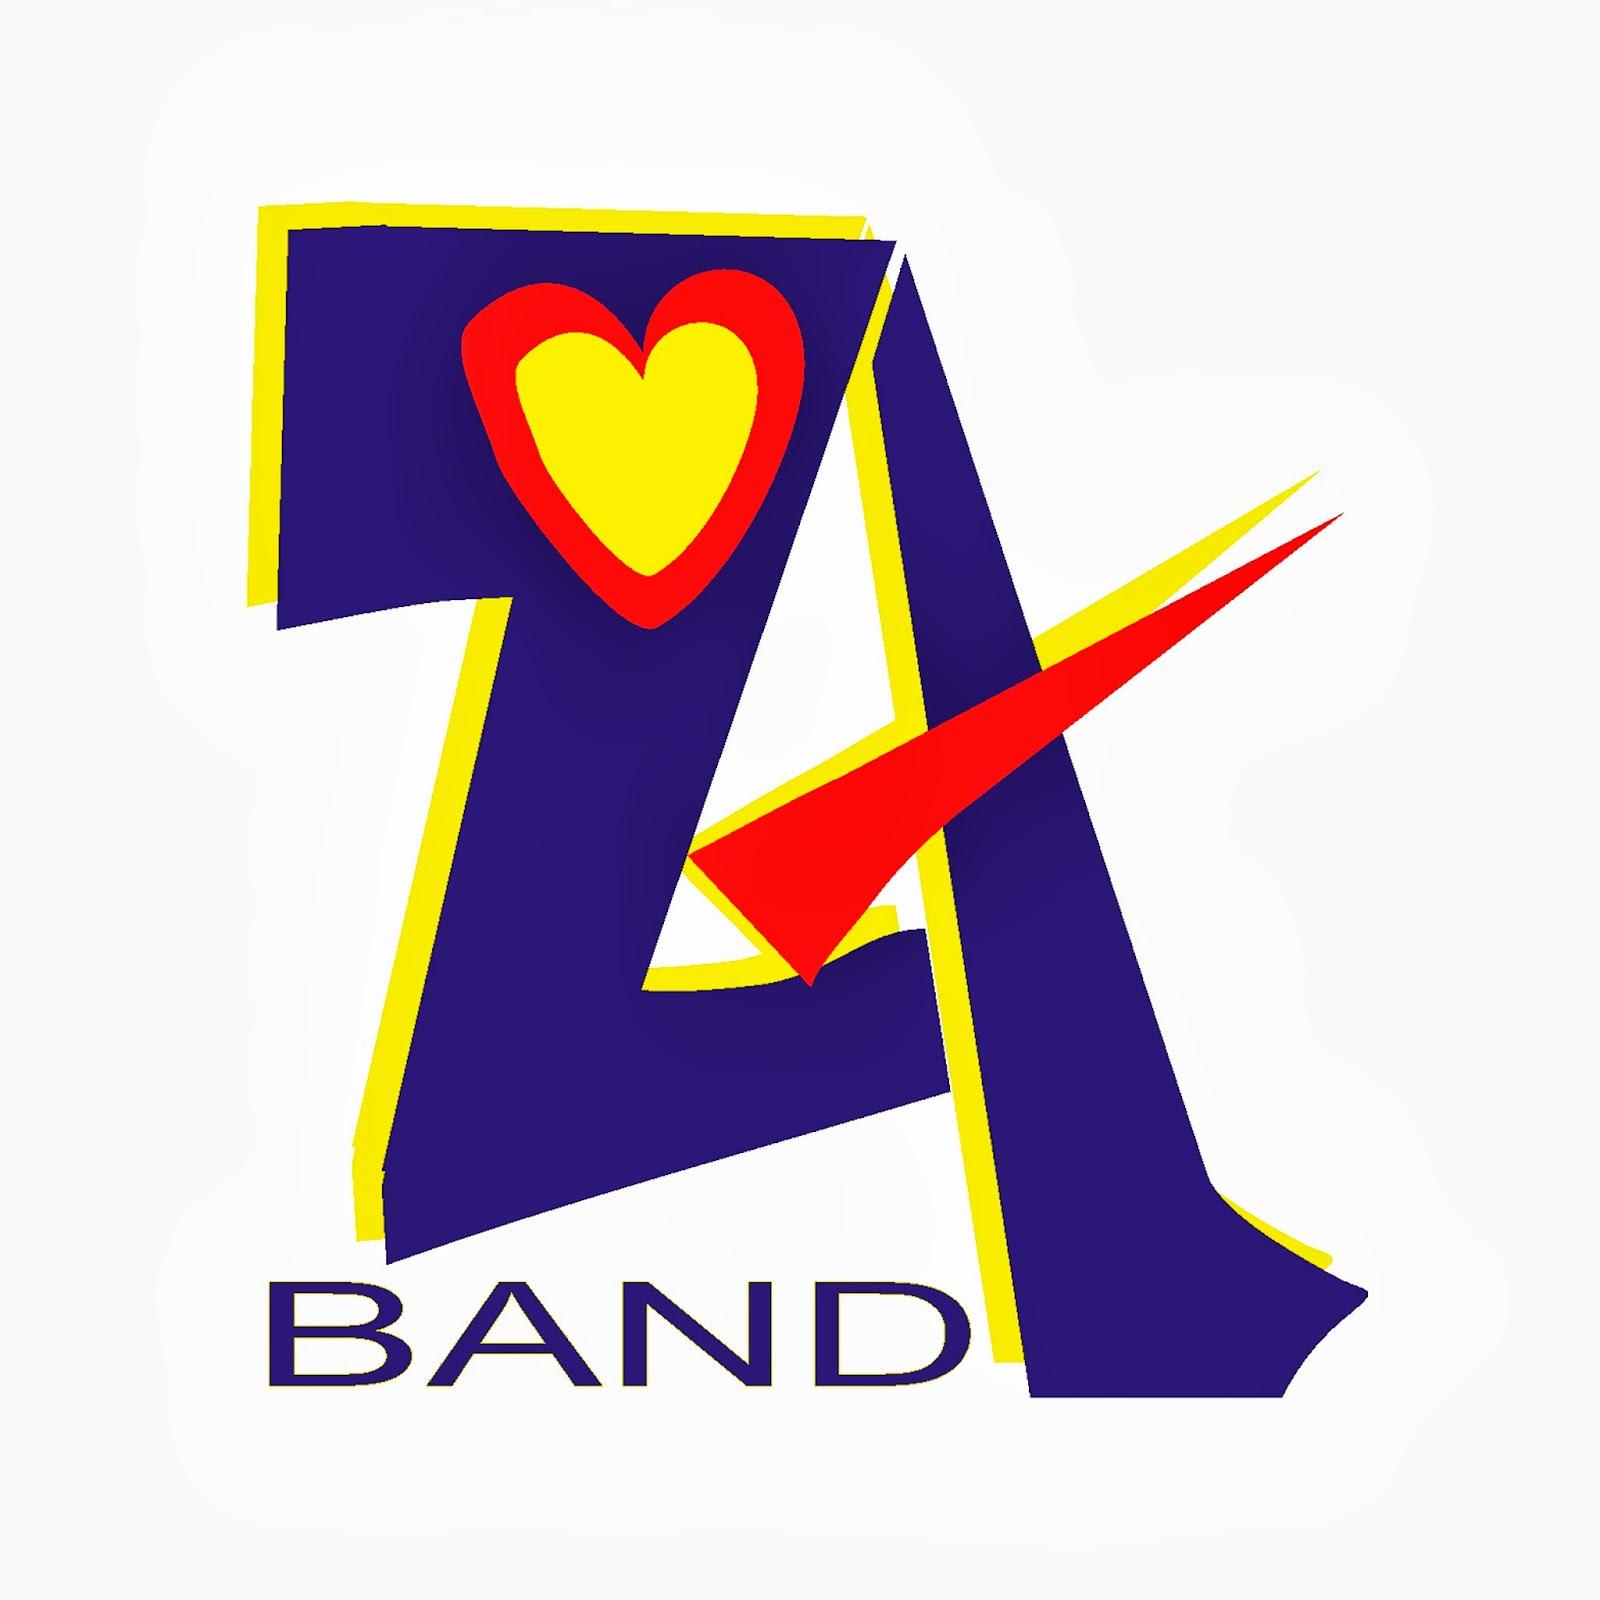 Zhattia Band: DOWNLOAD SEMUA TENTANG ZHATTIA BAND (FULL VIEW)